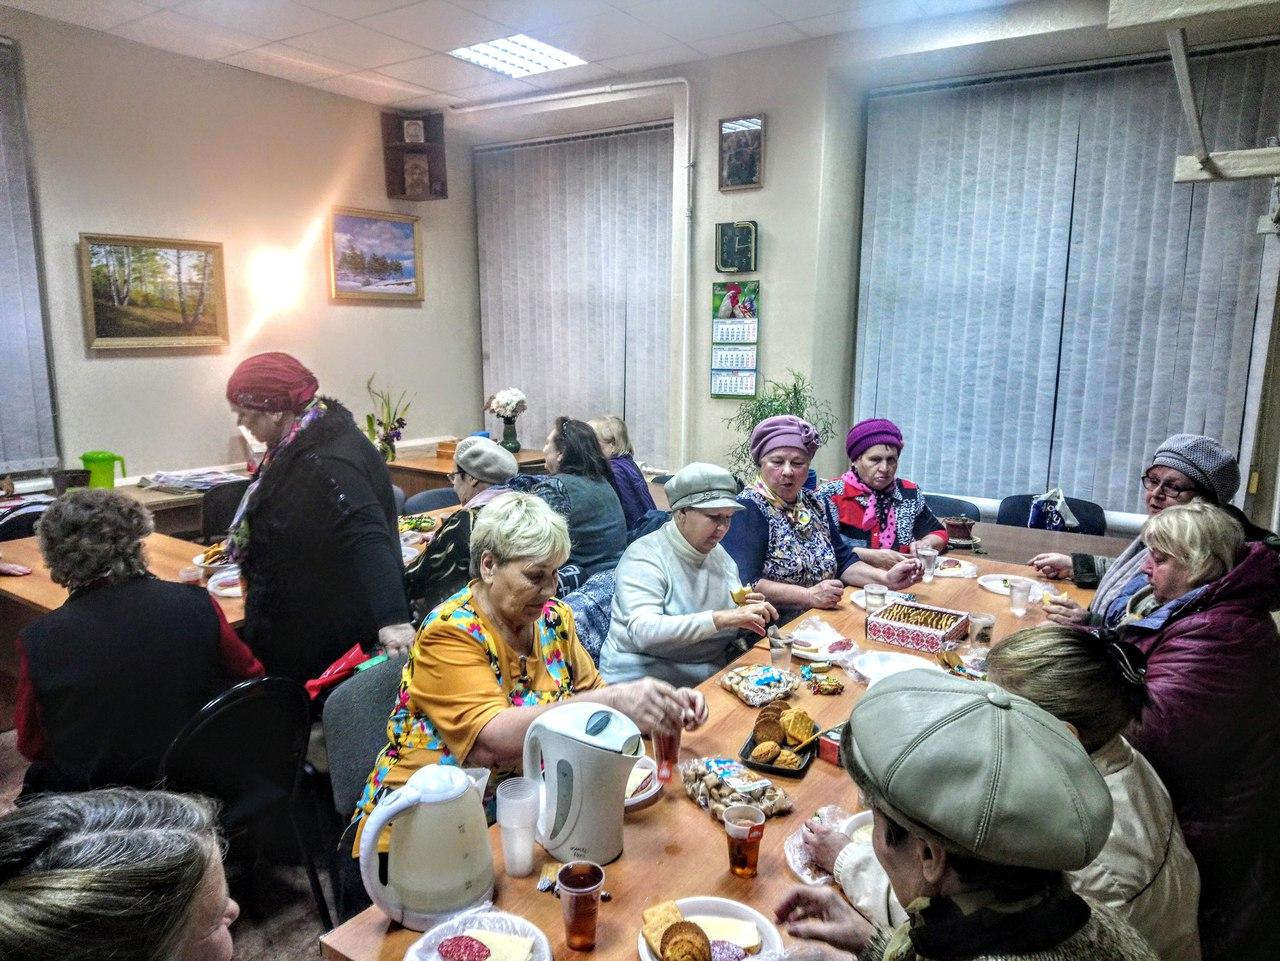 в Обществе Инвалидов Автозаводского района лекторий о проблеме сахарного диабета среди пожилого населения